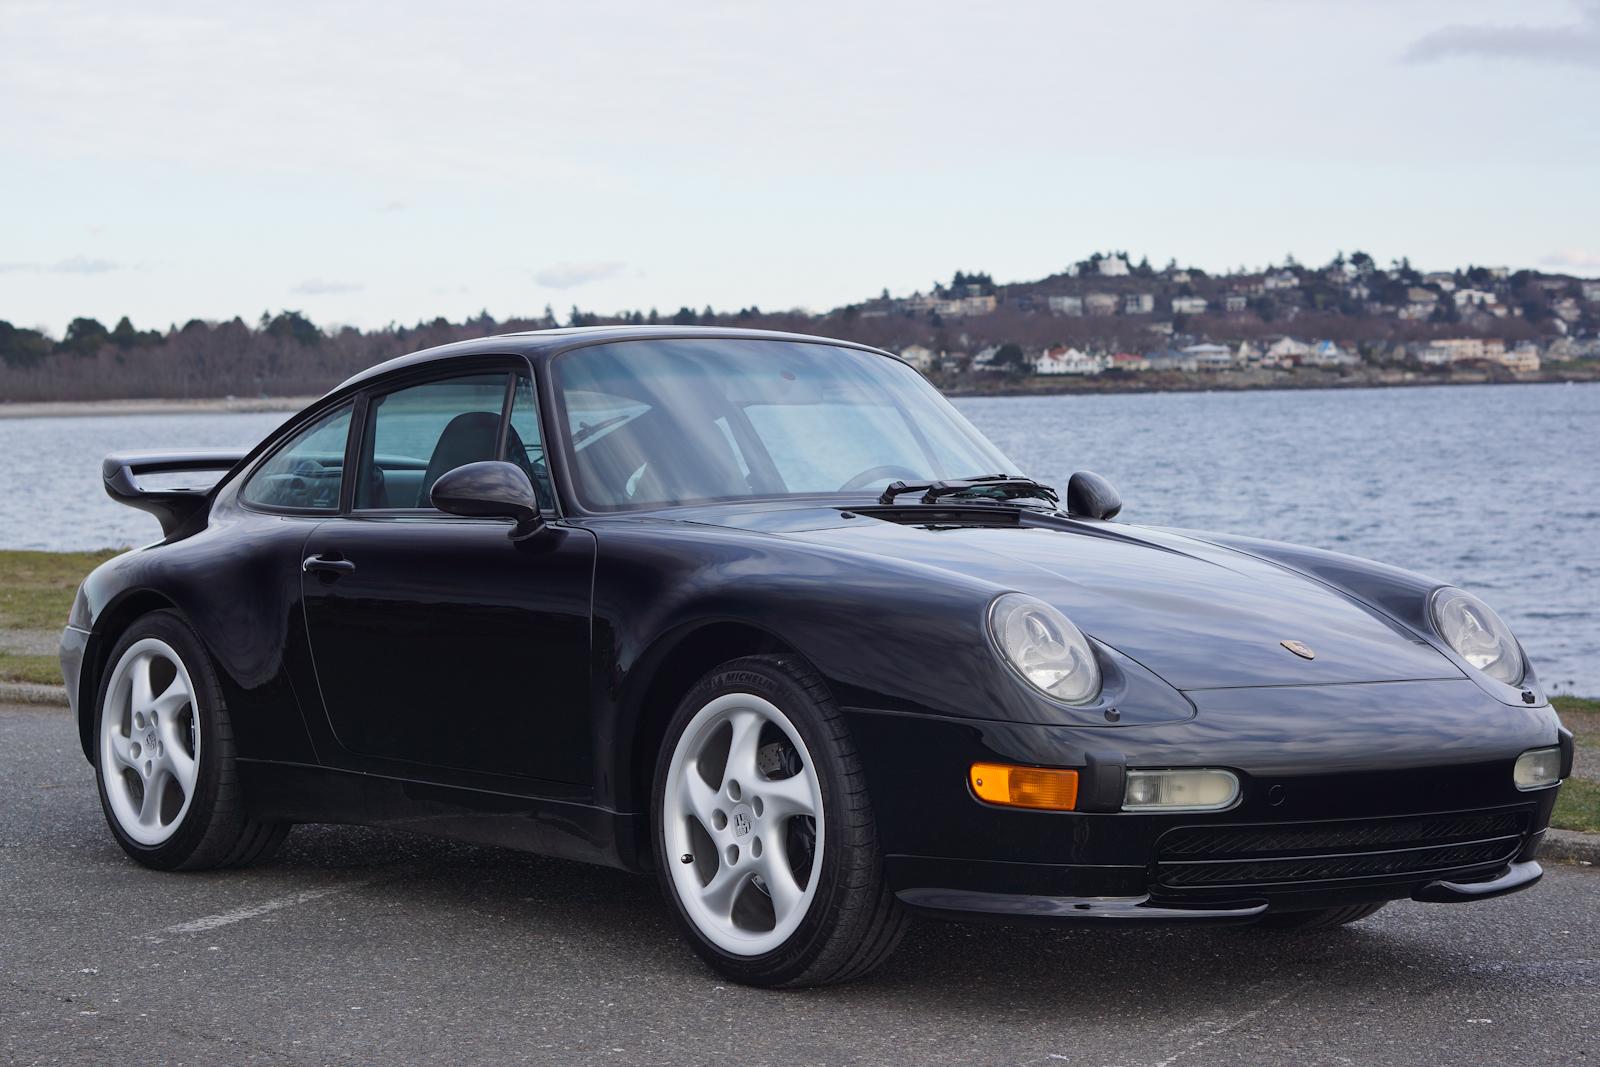 1997 Porsche 911 / 993 Carrera 2 for sale